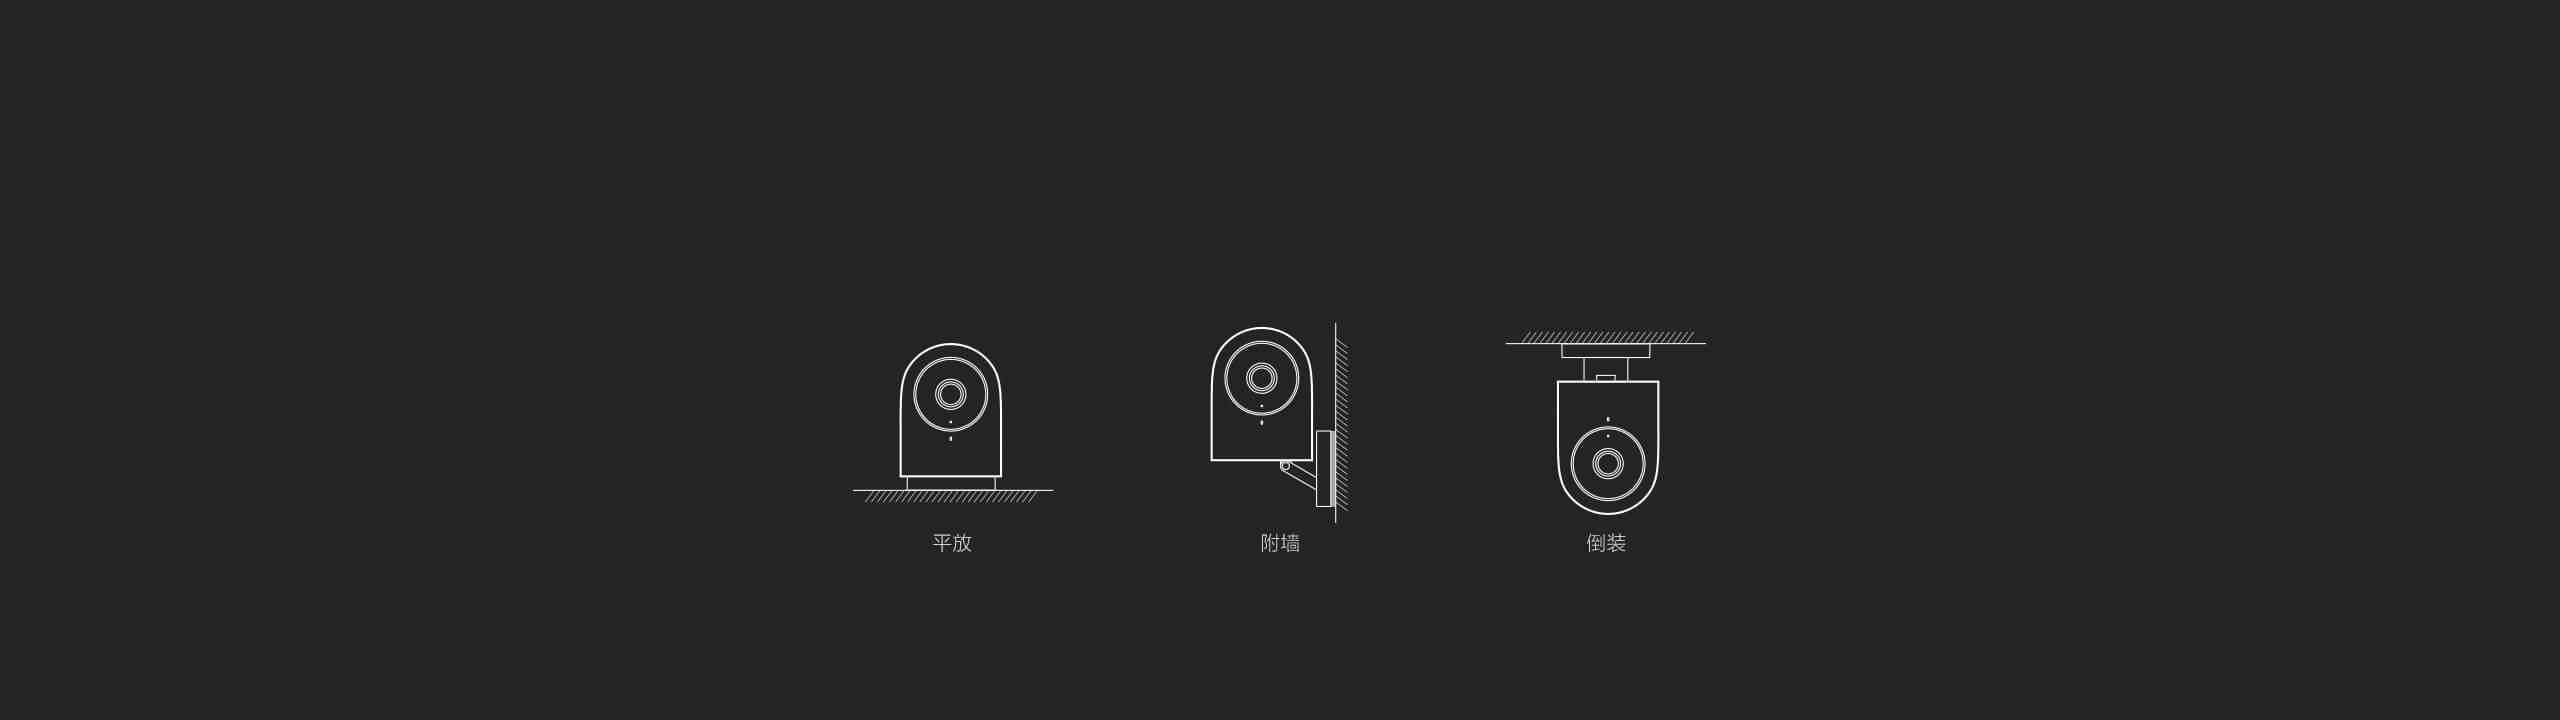 Aqara 智能摄像机 G2 - 多种安装方式